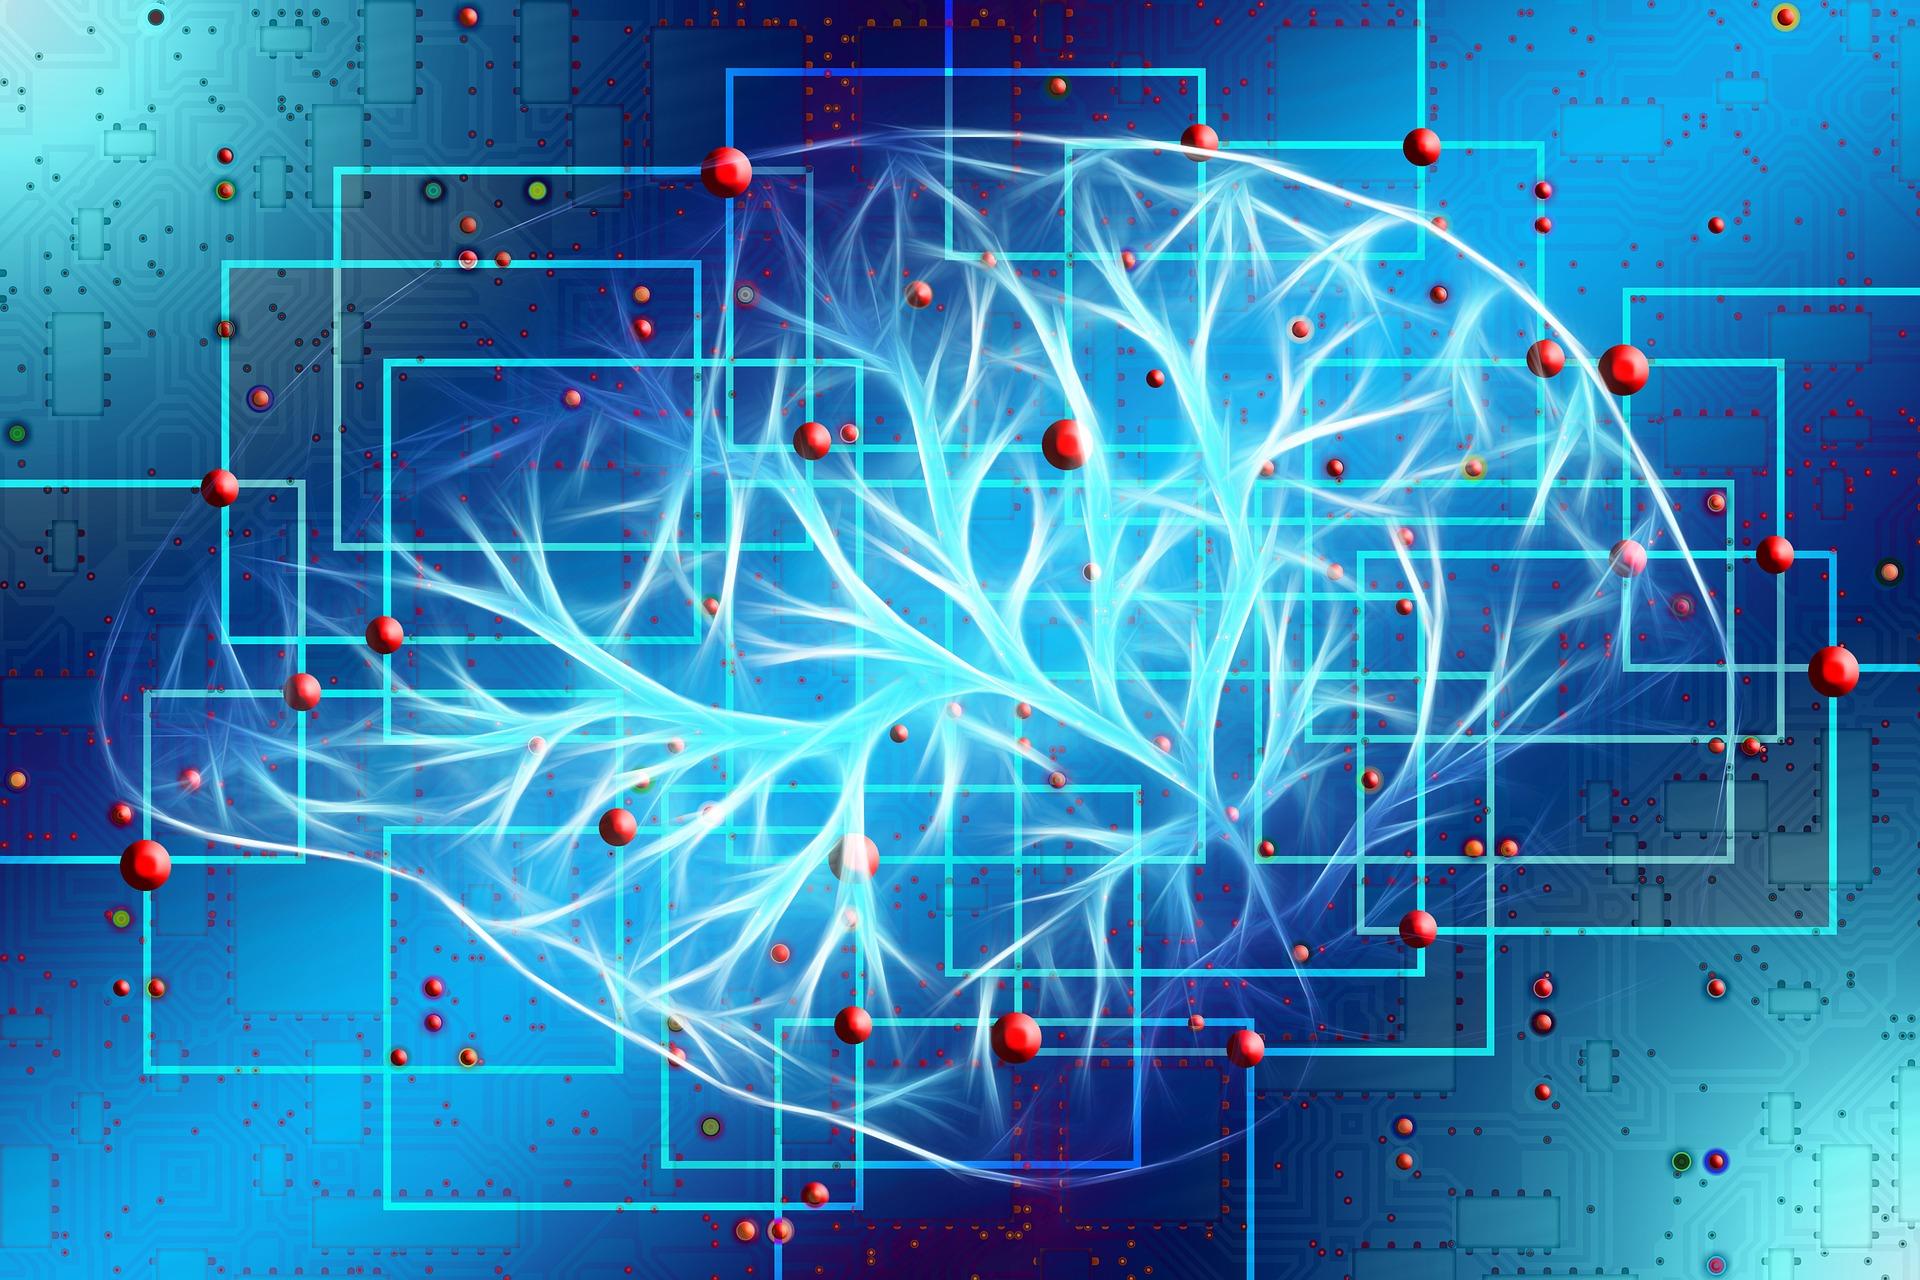 Notre niveau d'intelligence est-il gravé dans notre code génétique ?